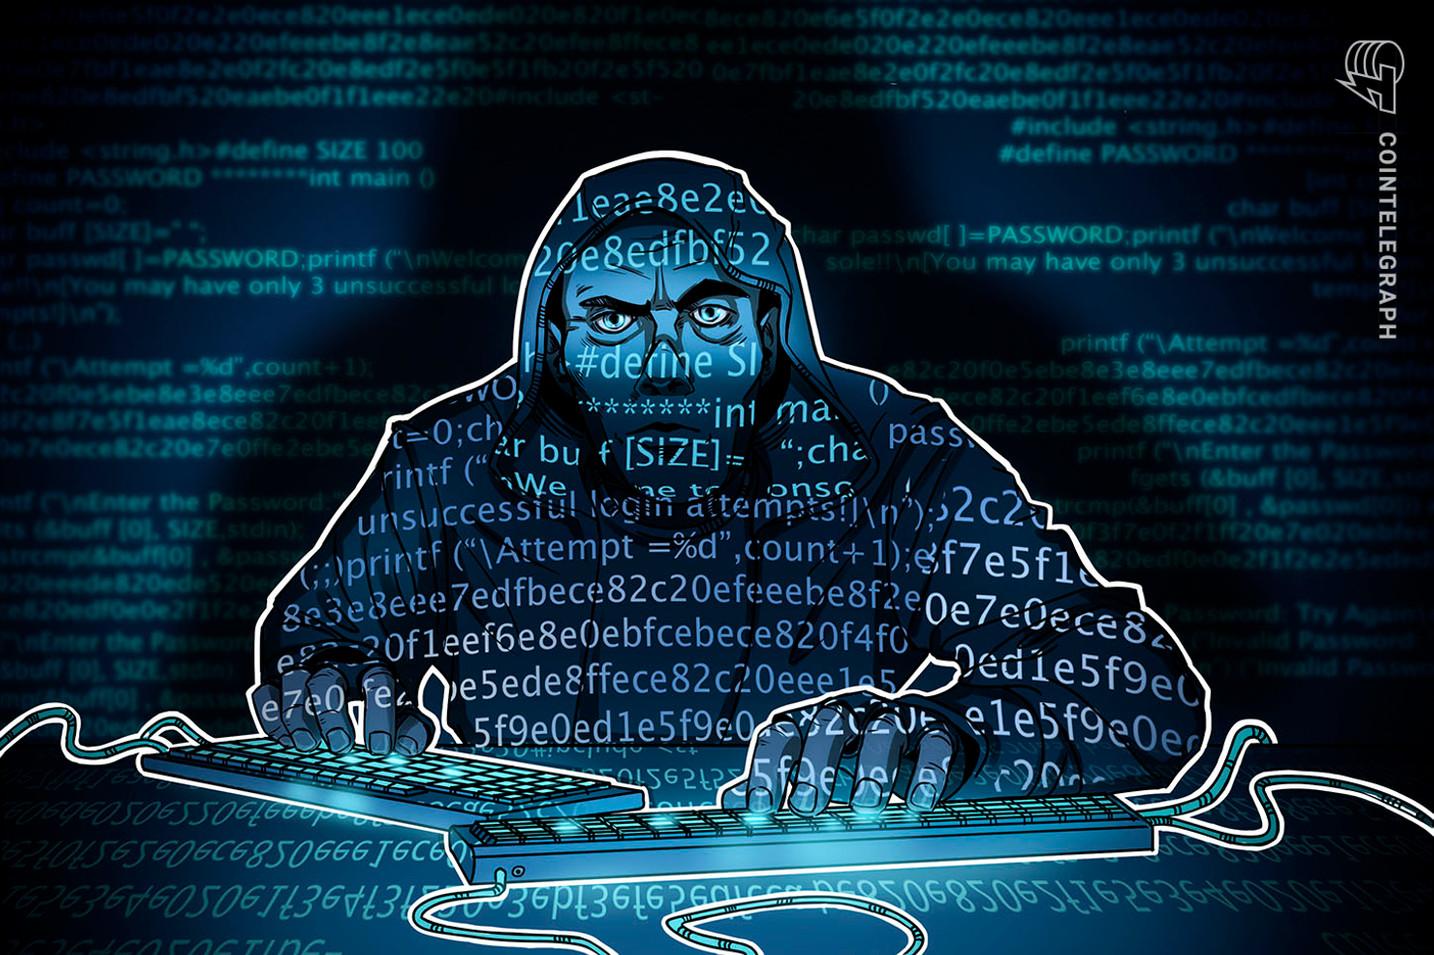 仮想通貨取引所KuCoinでハッキング、ホットウォレットからビットコインなどが流出